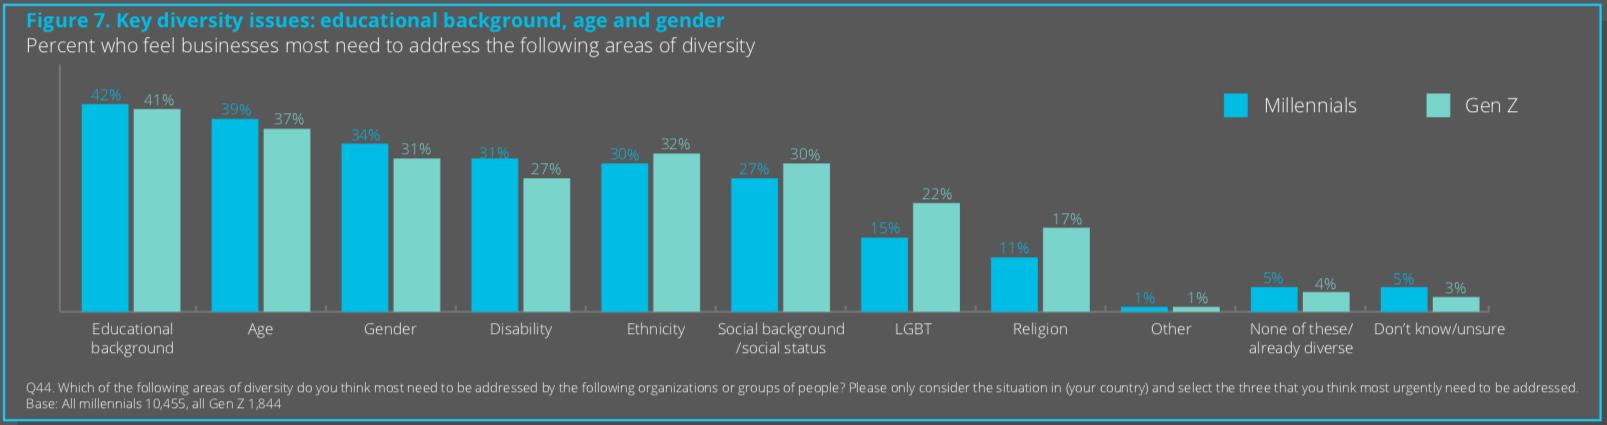 Welche Kriterien junge Beschäftigte für diverse Teams anlegen. (Quelle: Deloitte)